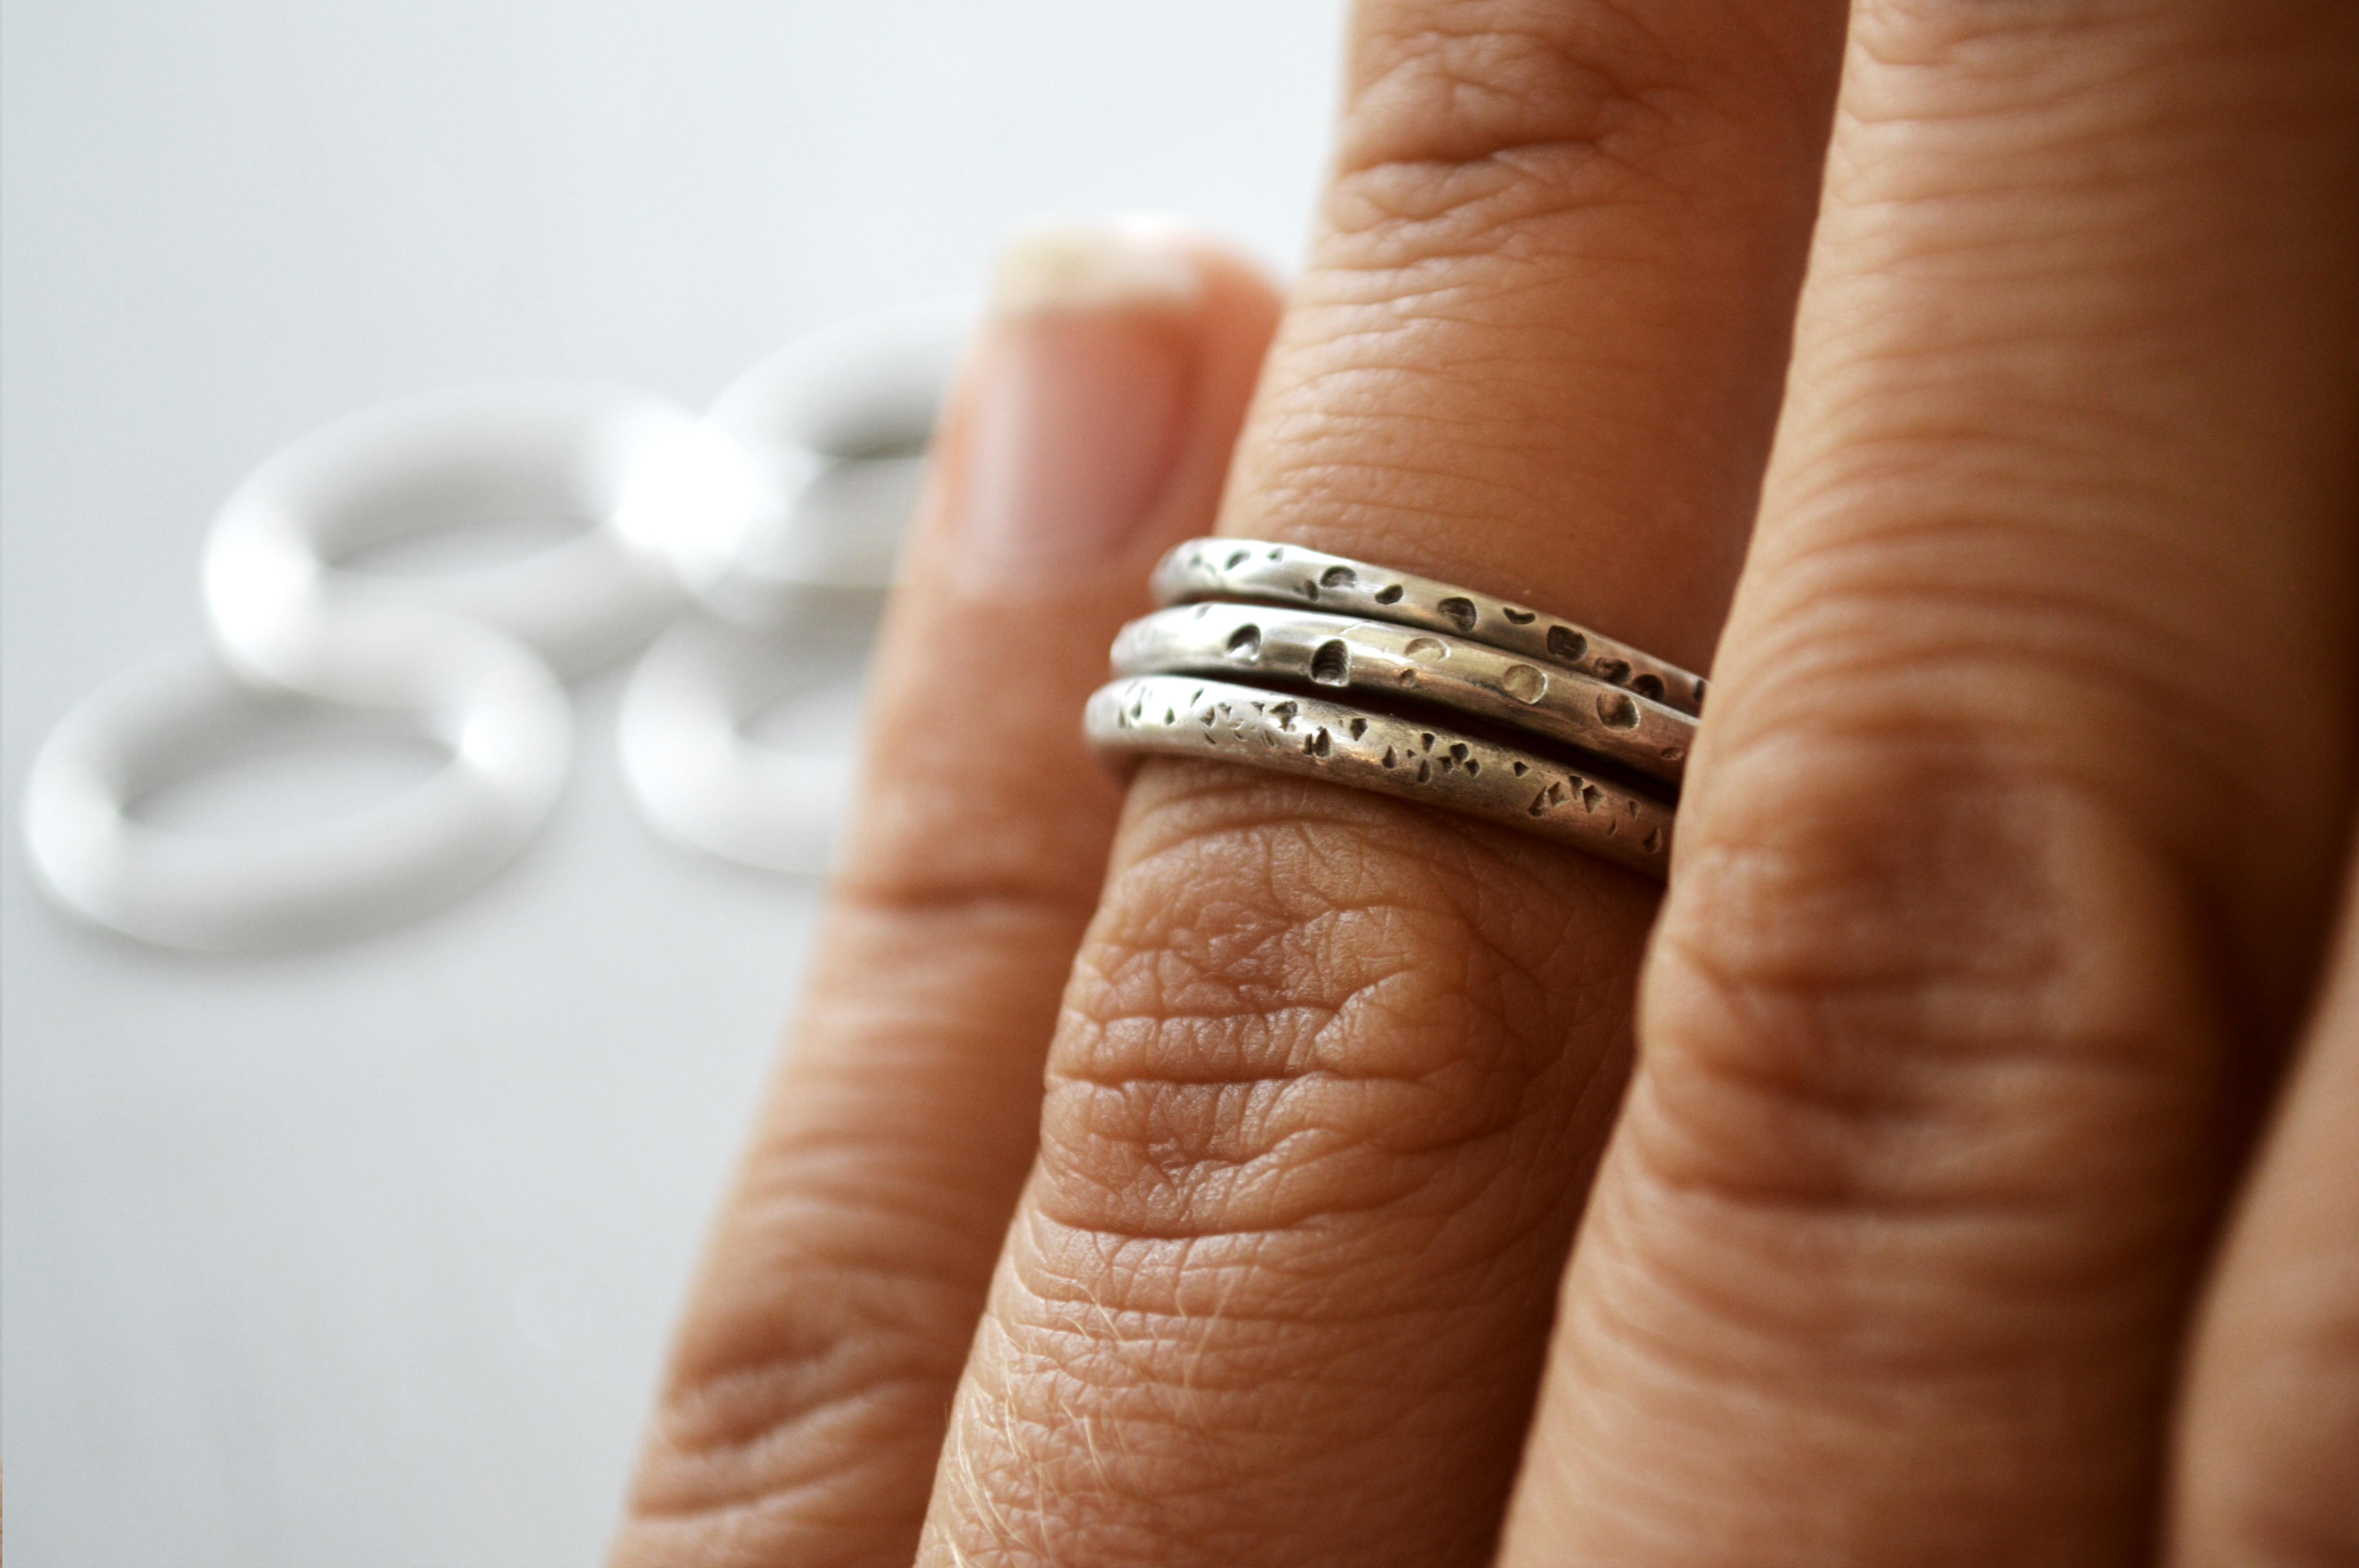 rings worn2.jpg